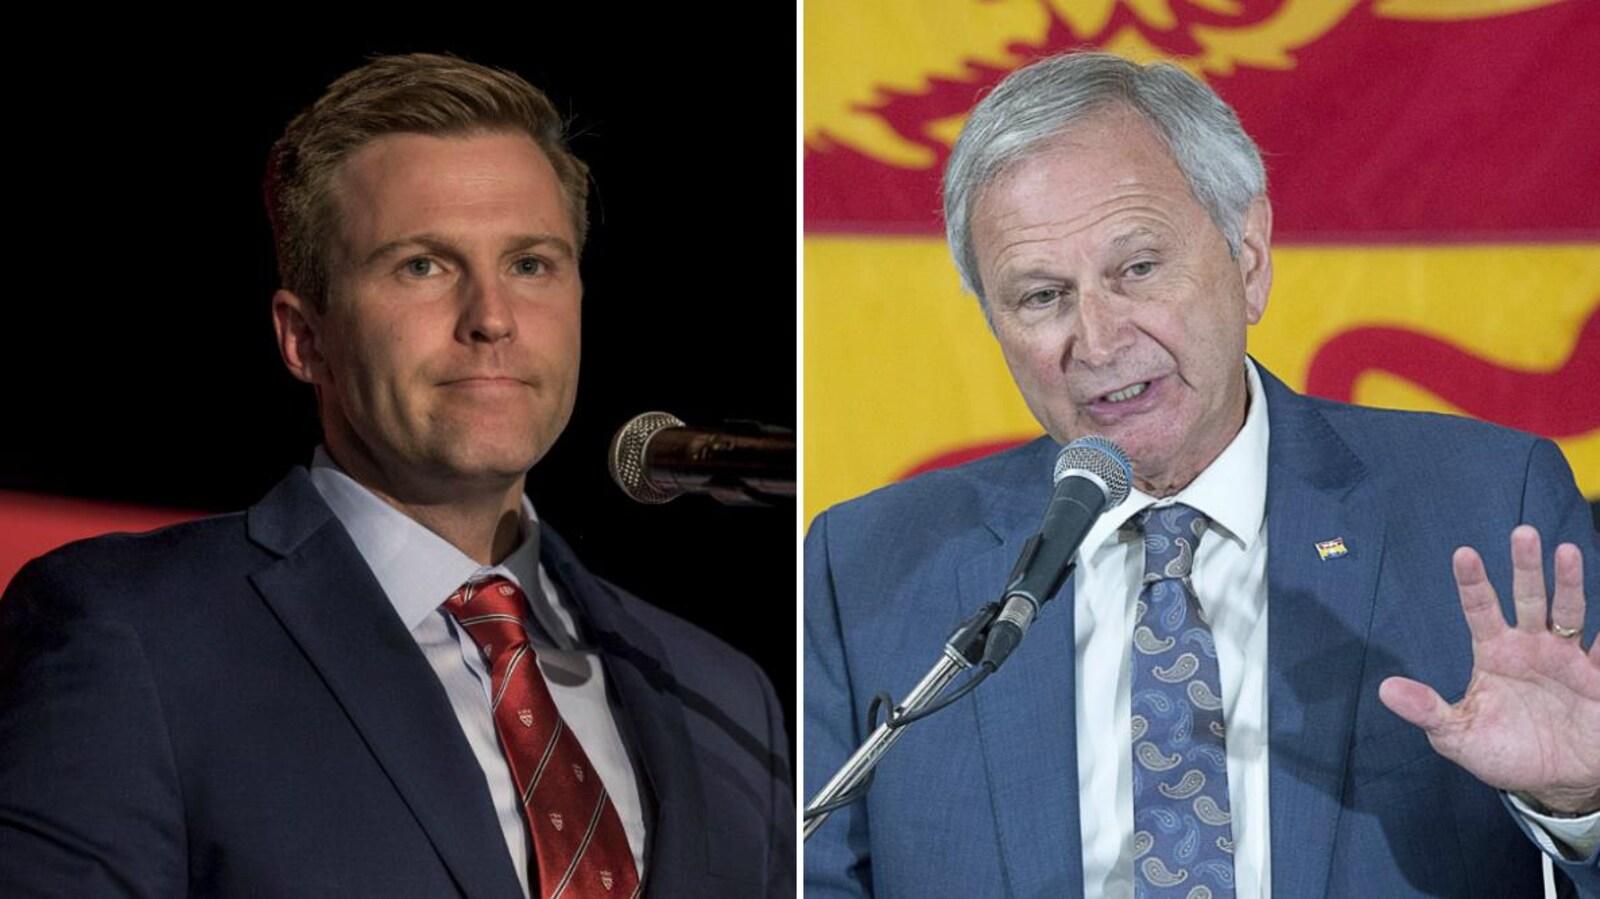 Les deux chefs font une déclaration devant leurs partisans en réaction à l'élection au Nouveau-Brunswick